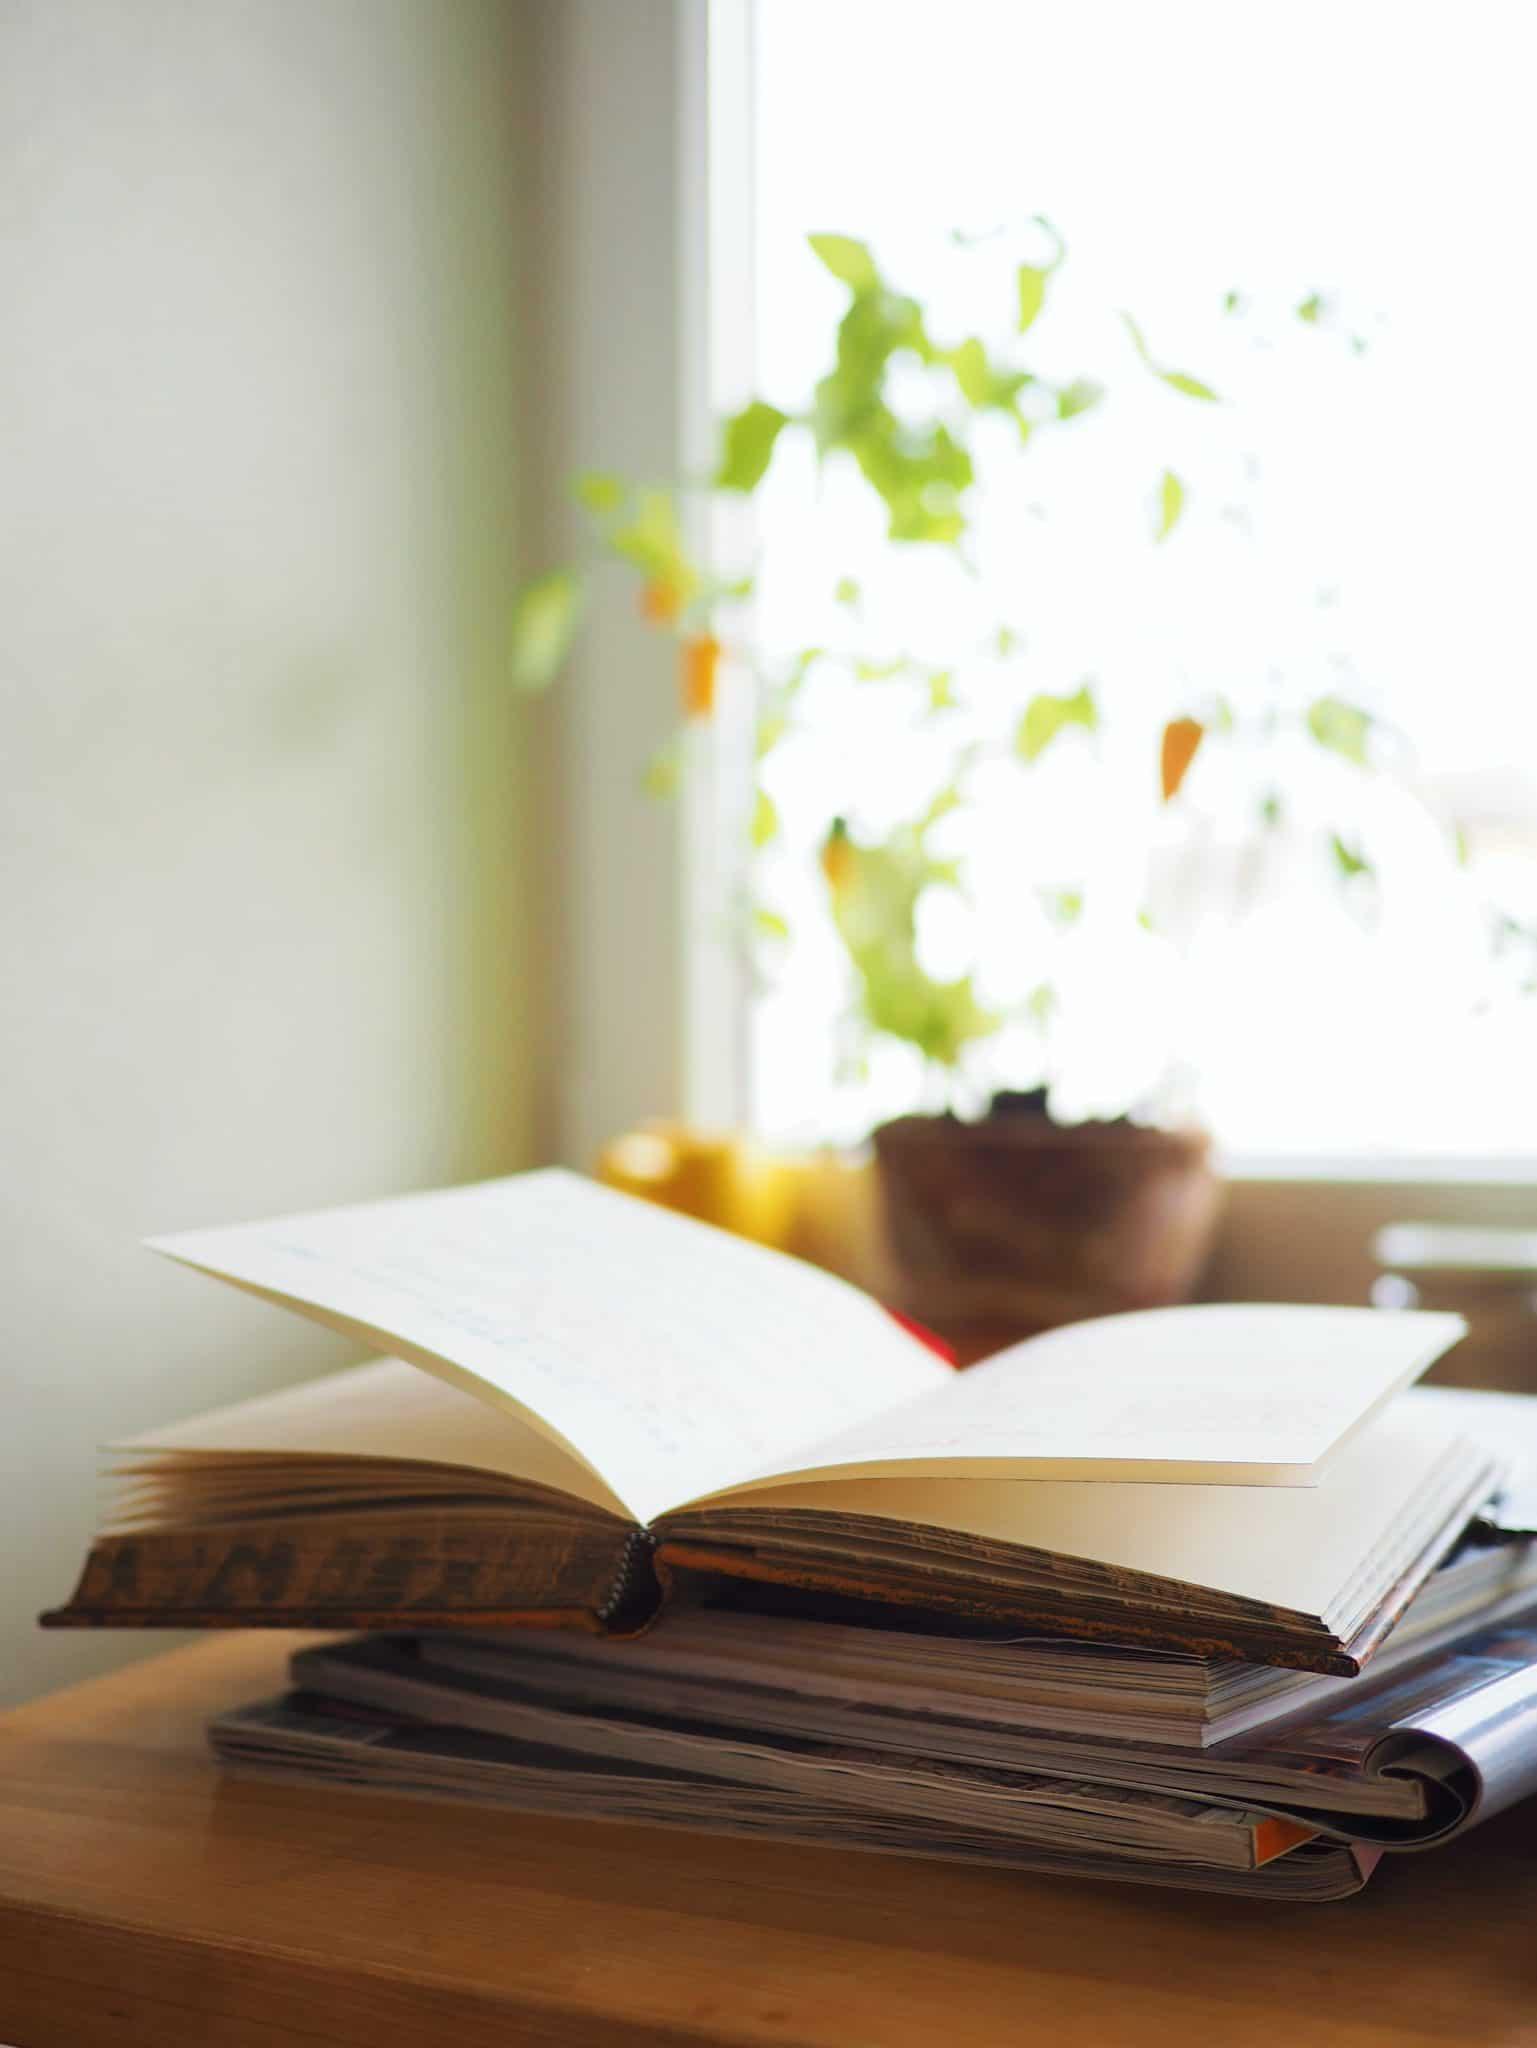 bøker på bordet